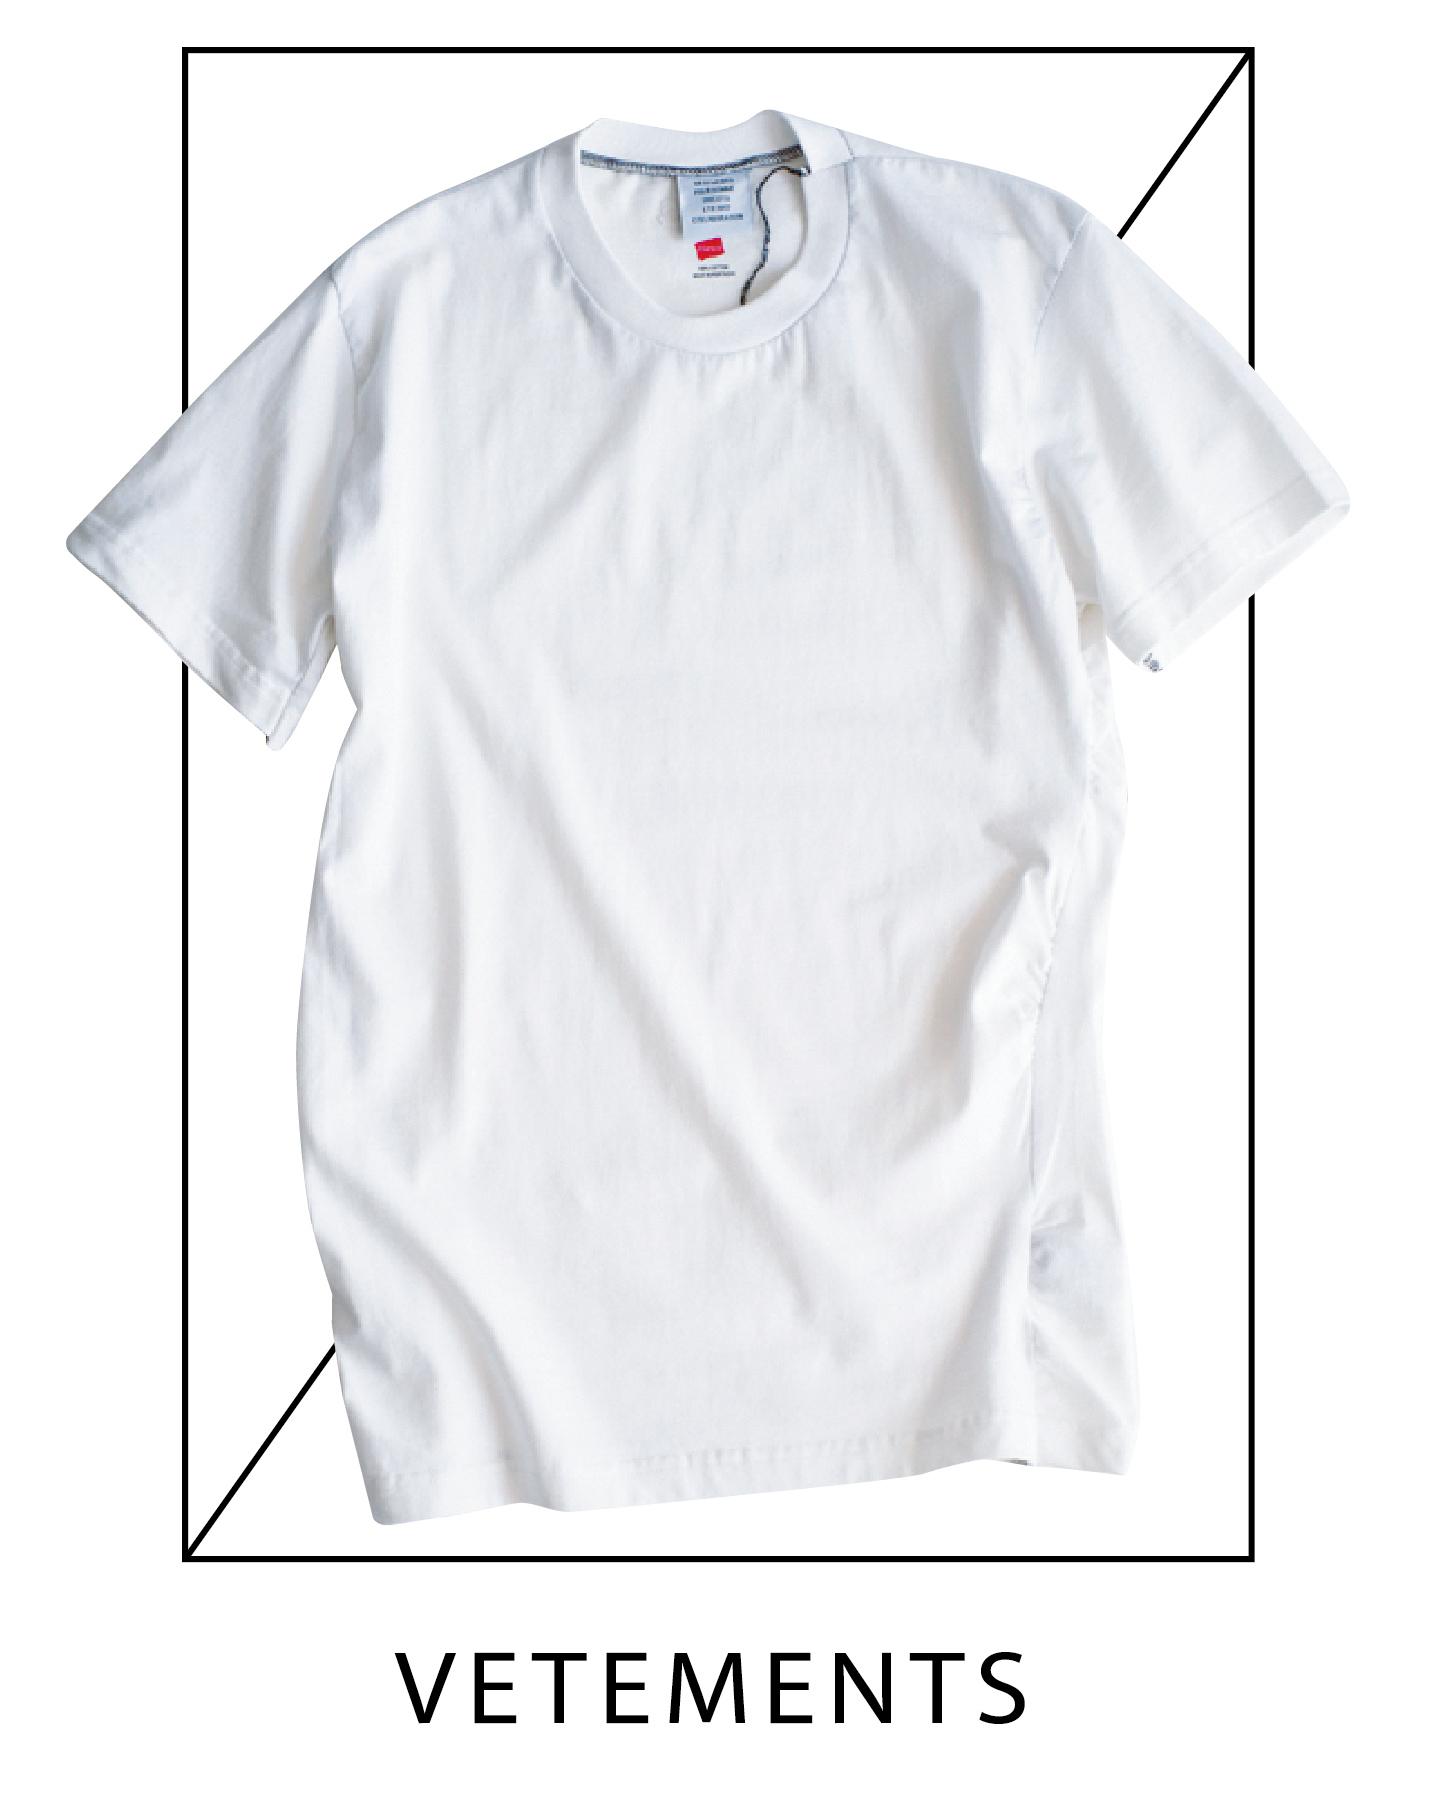 f6fabc51a6904 右)ヘインズのTシャツを一度解体して再構築。「一枚で着てもよいデザインですが、ガウンとあわせて着るのが夏のマイスタイル。首がつまったタイプのTシャツは袖を  ...